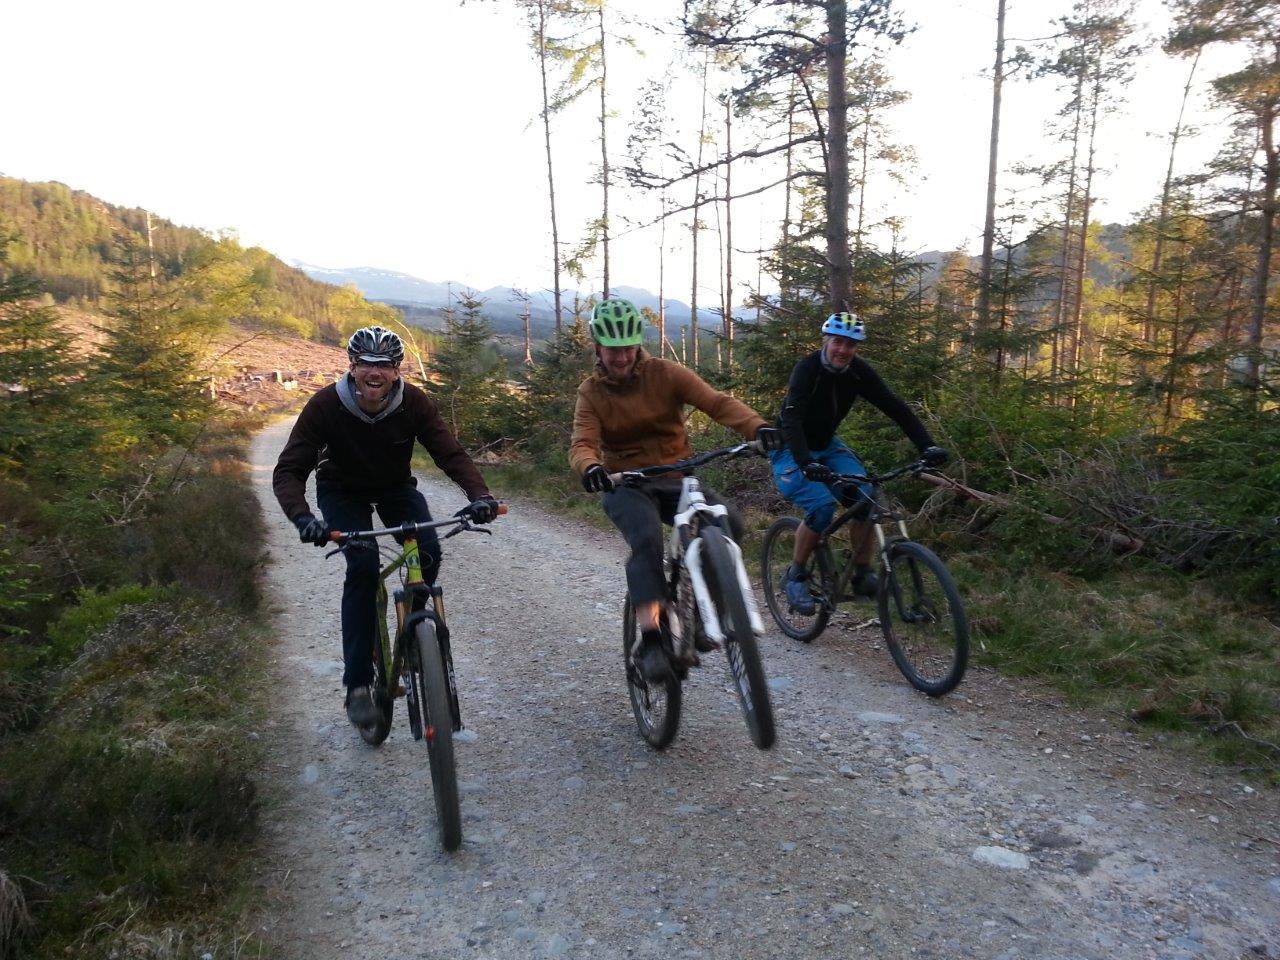 Een wheelie voor de fun tijdens de uphill in Laggan Wolftrax